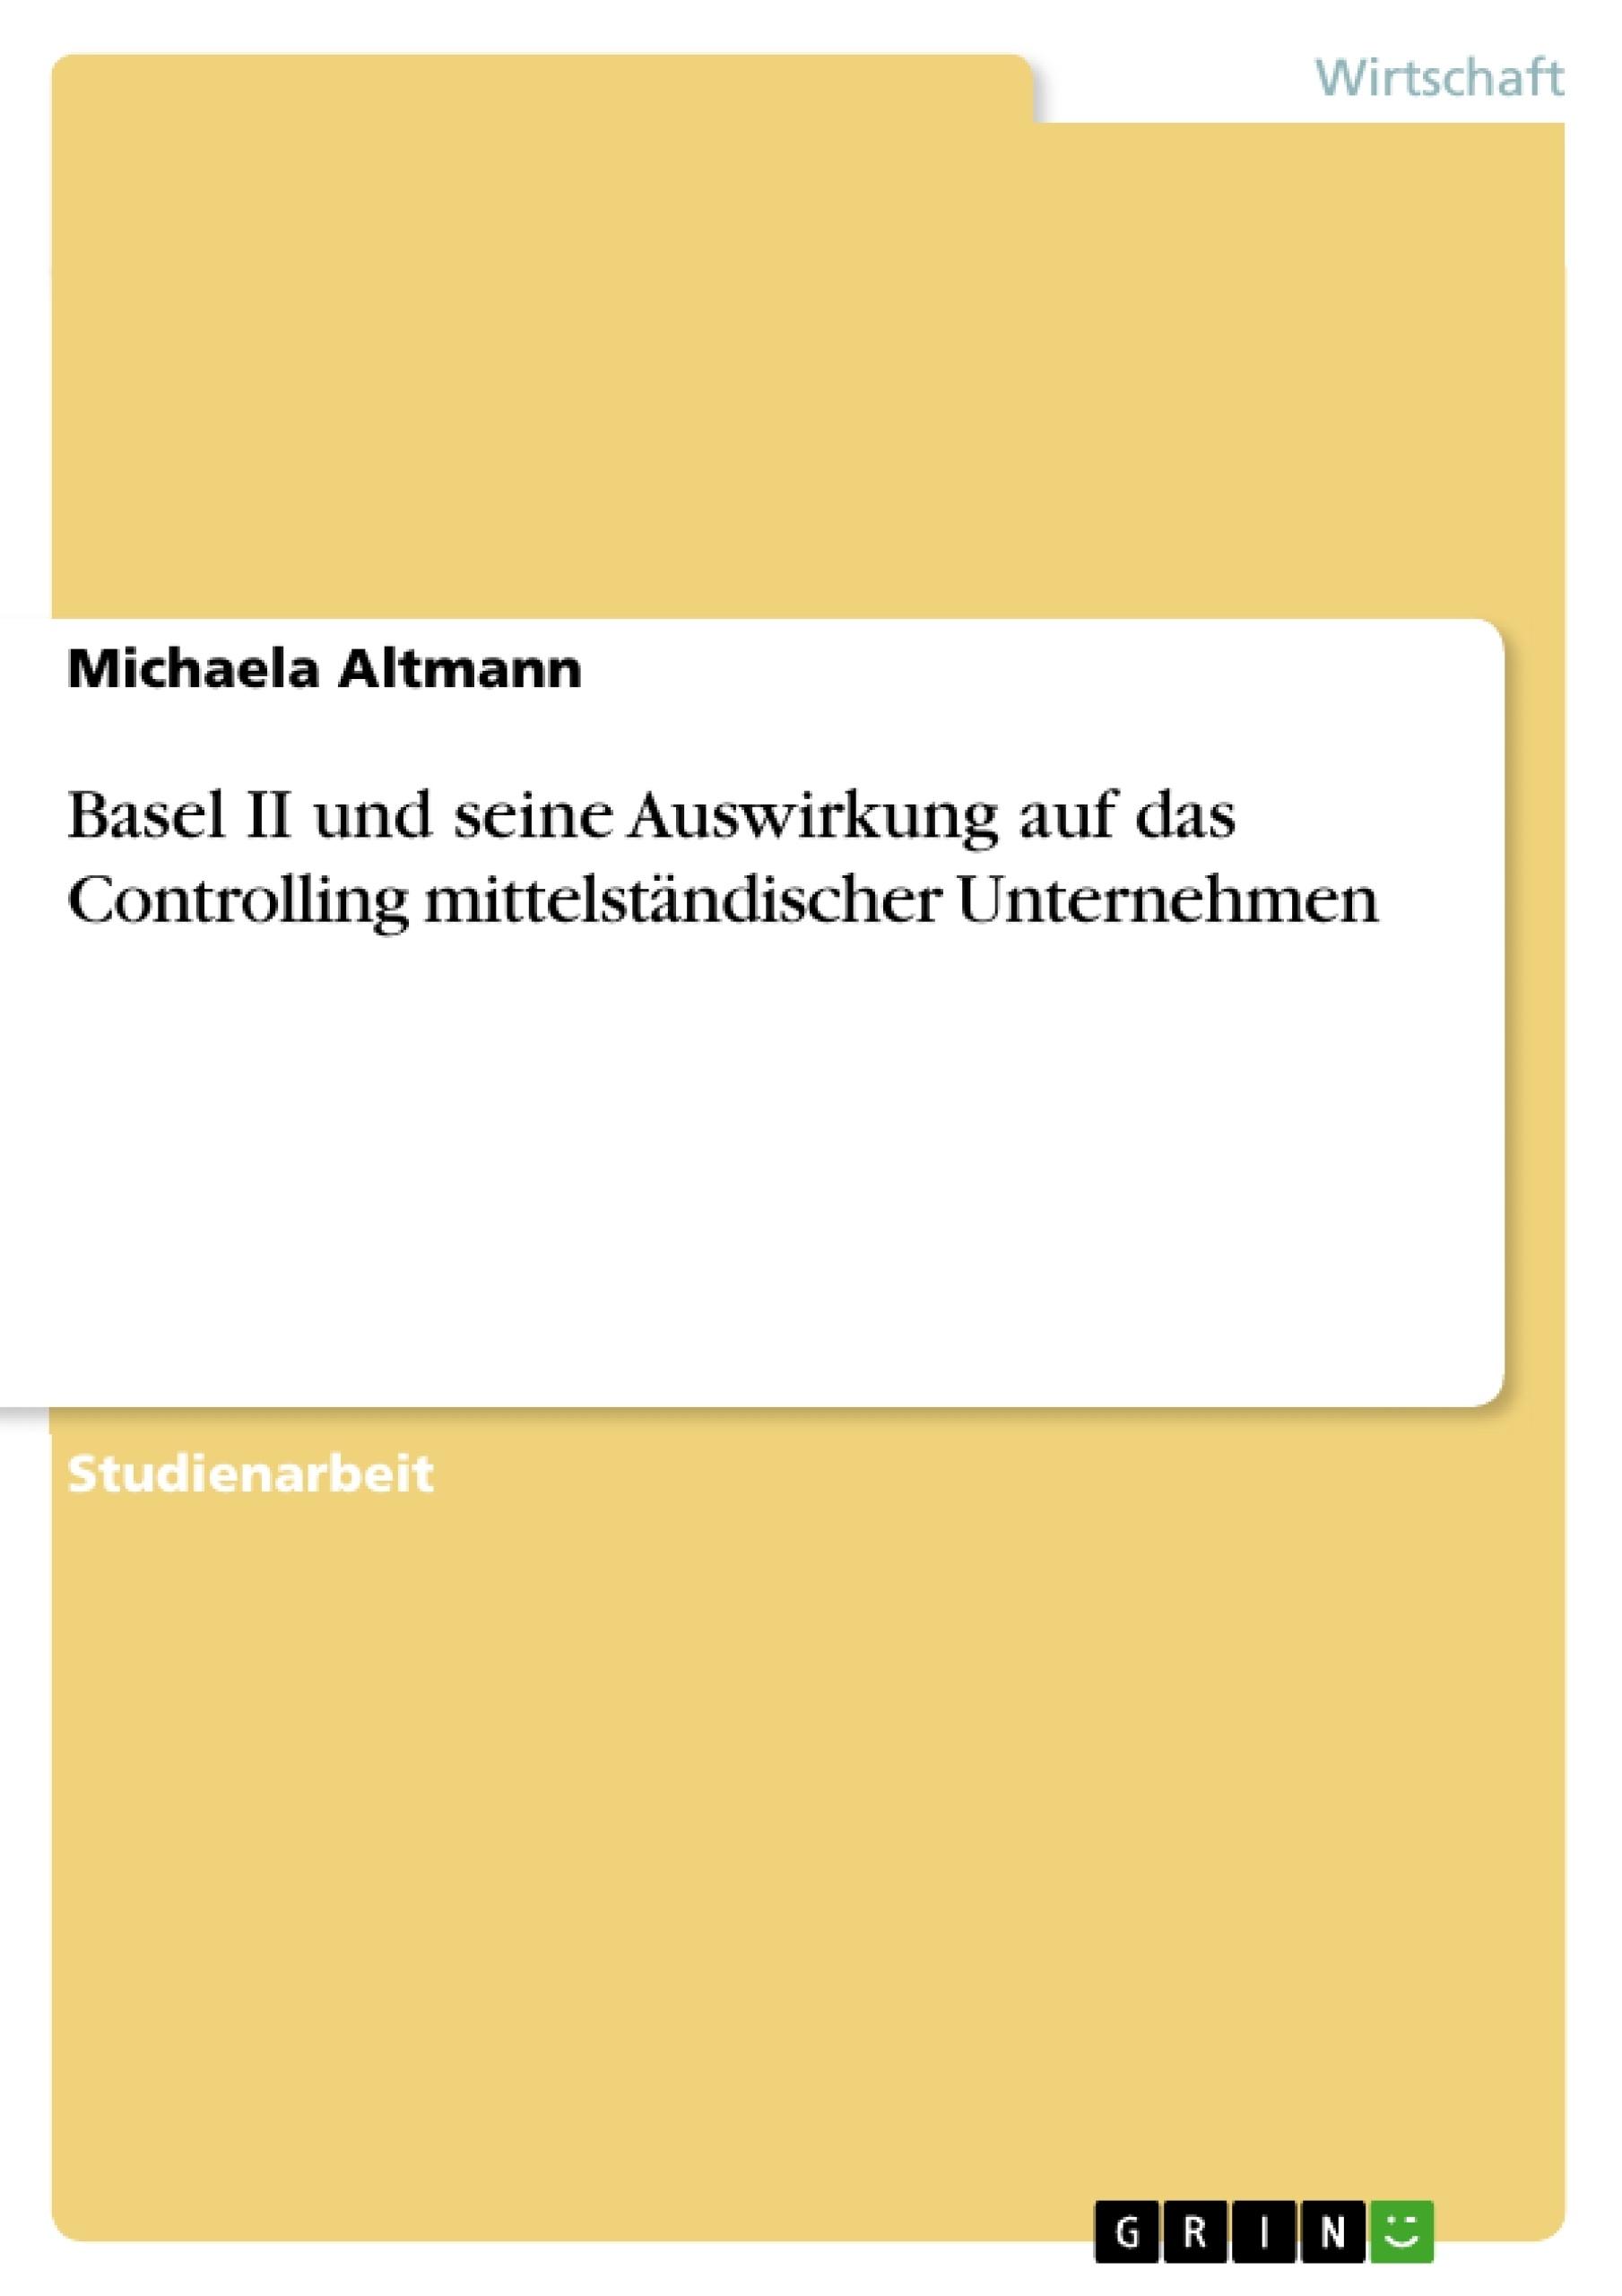 Titel: Basel II und seine Auswirkung auf das Controlling mittelständischer Unternehmen